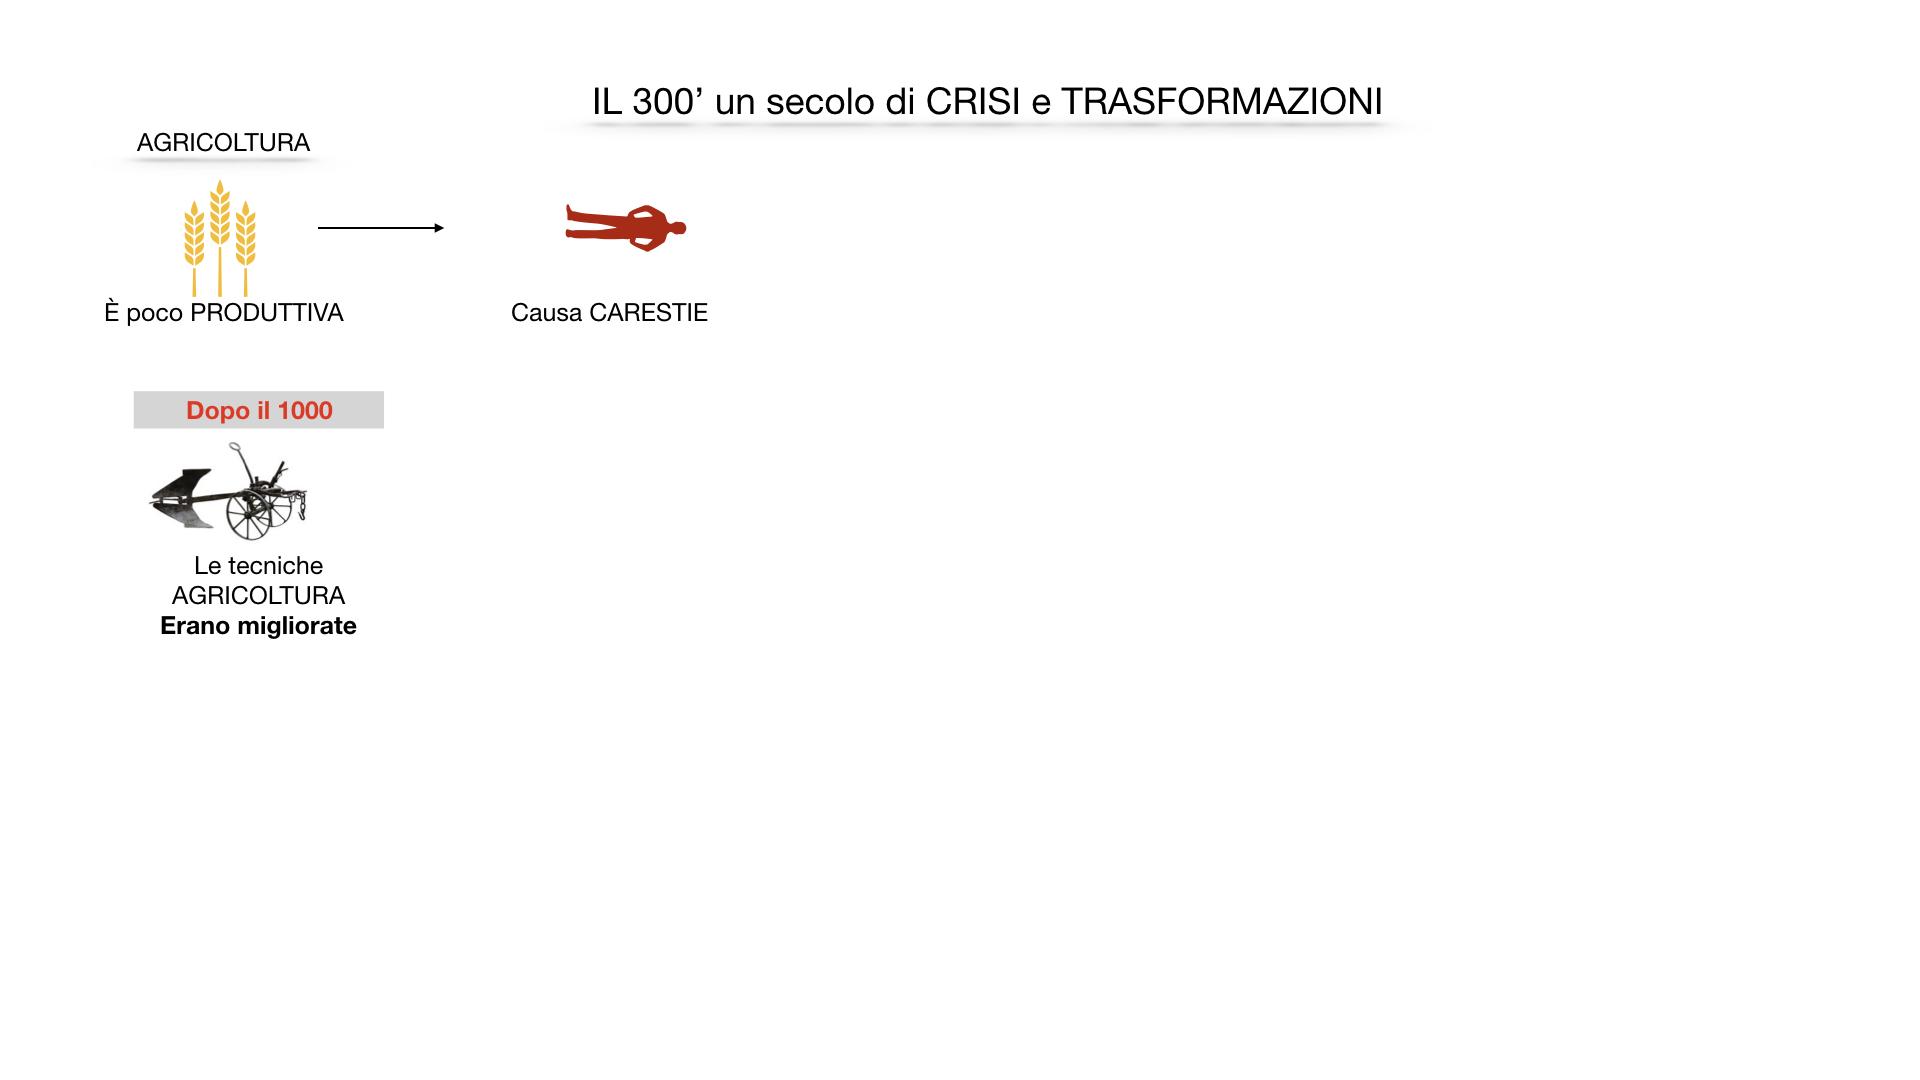 il 300 crisi e trasformazioni_ SIMULAZIONE.006